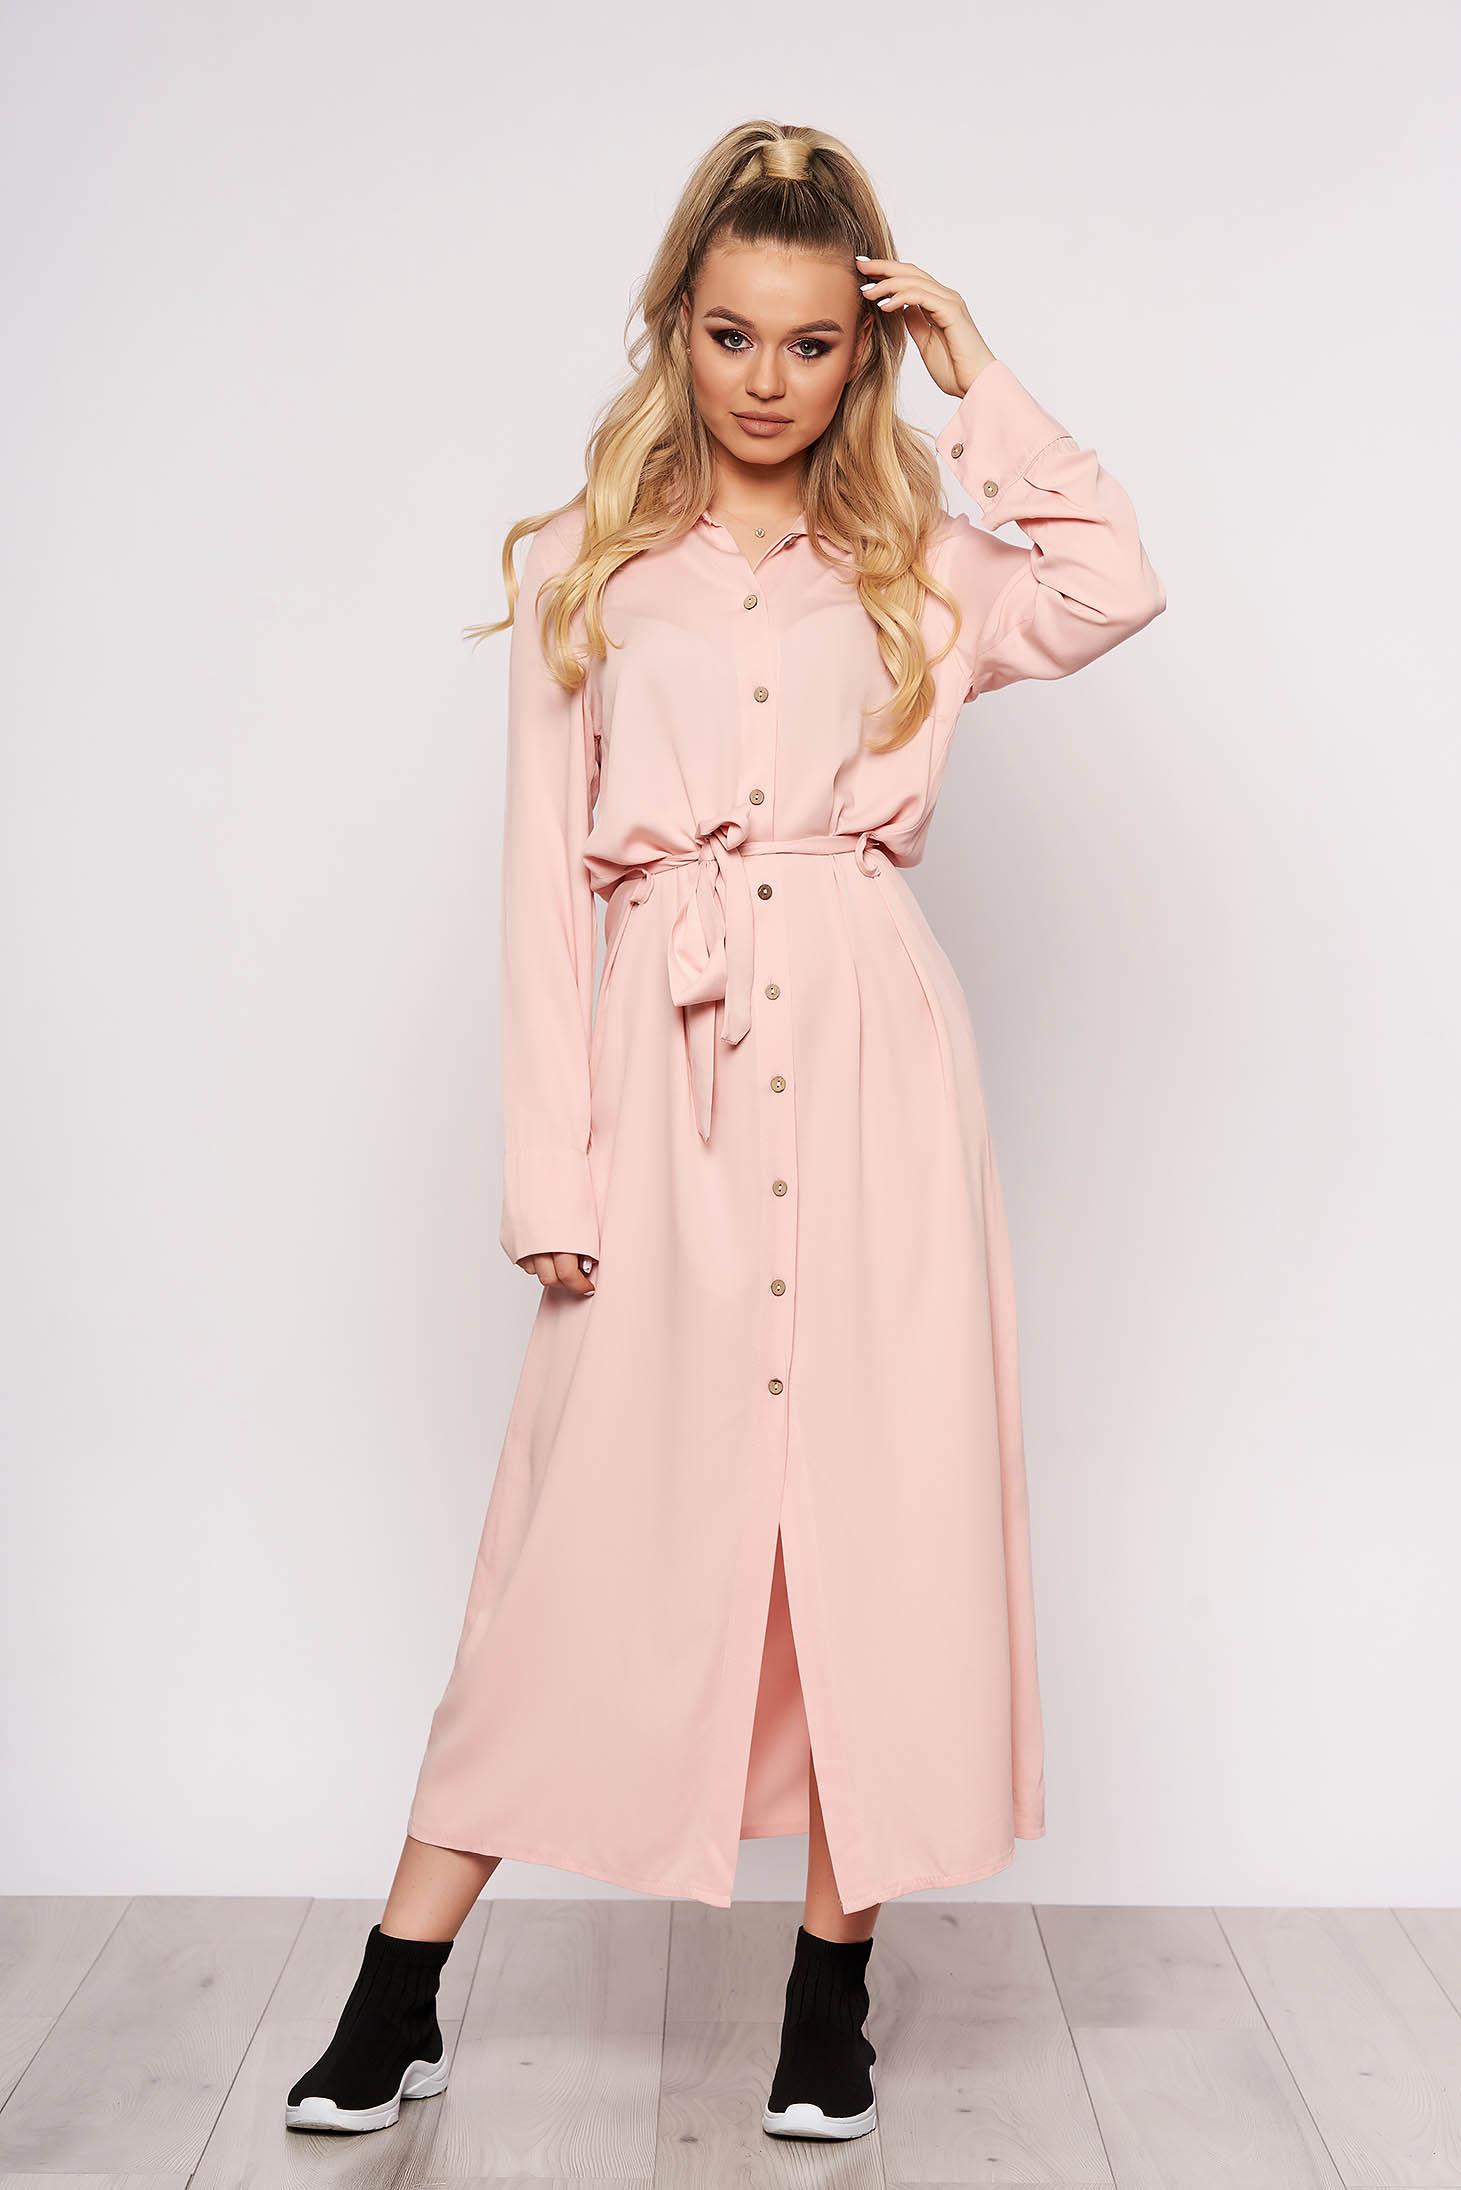 Rochie SunShine roz prafuit casual lunga cu un croi drept cu maneci lungi si inchidere cu nasturi